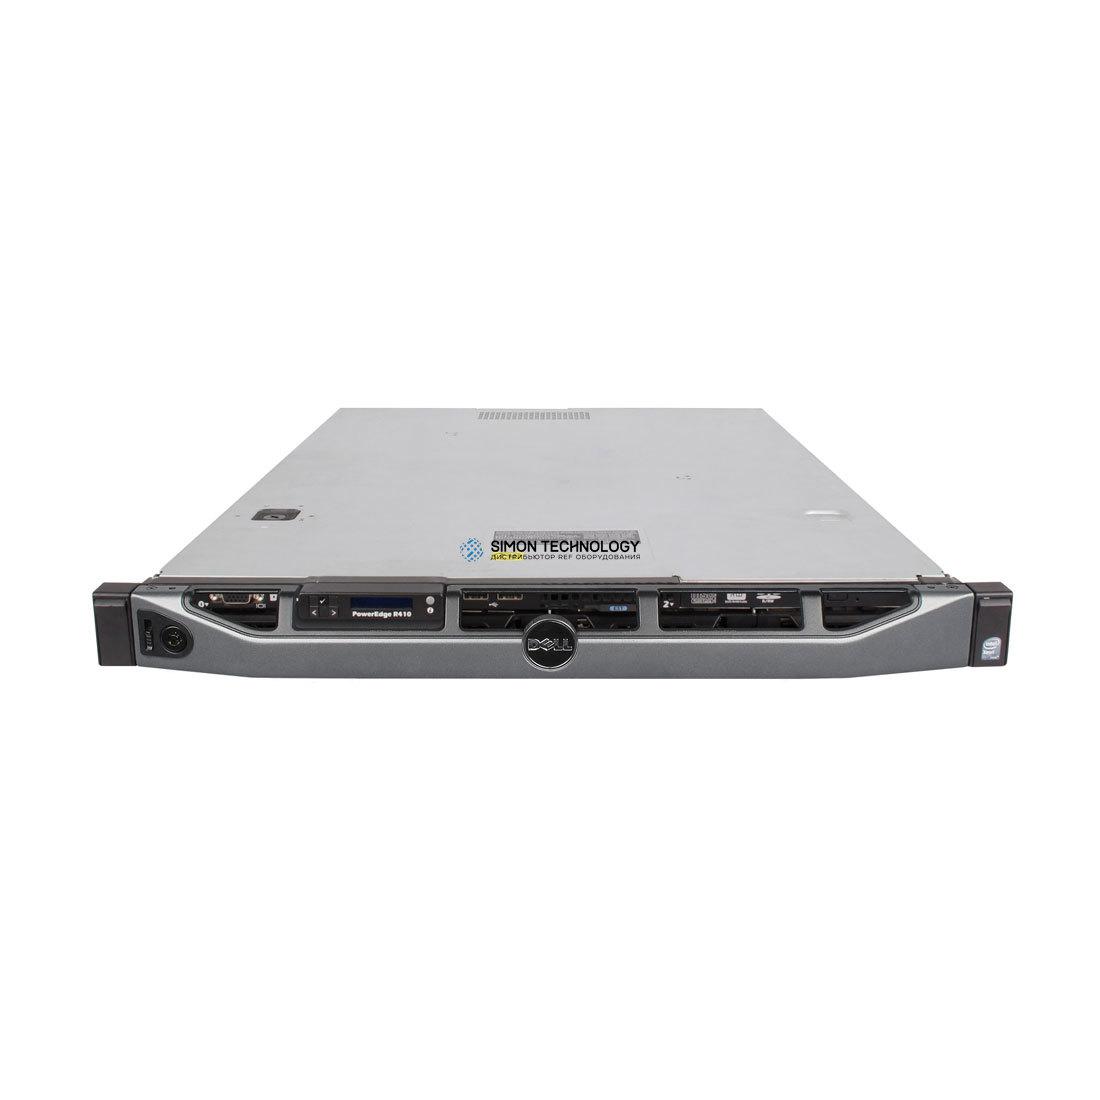 Сервер Dell PER410 1*X5672 PERC H700 4GB 4*LFF 2*PSU DVD (PER410 X5672)